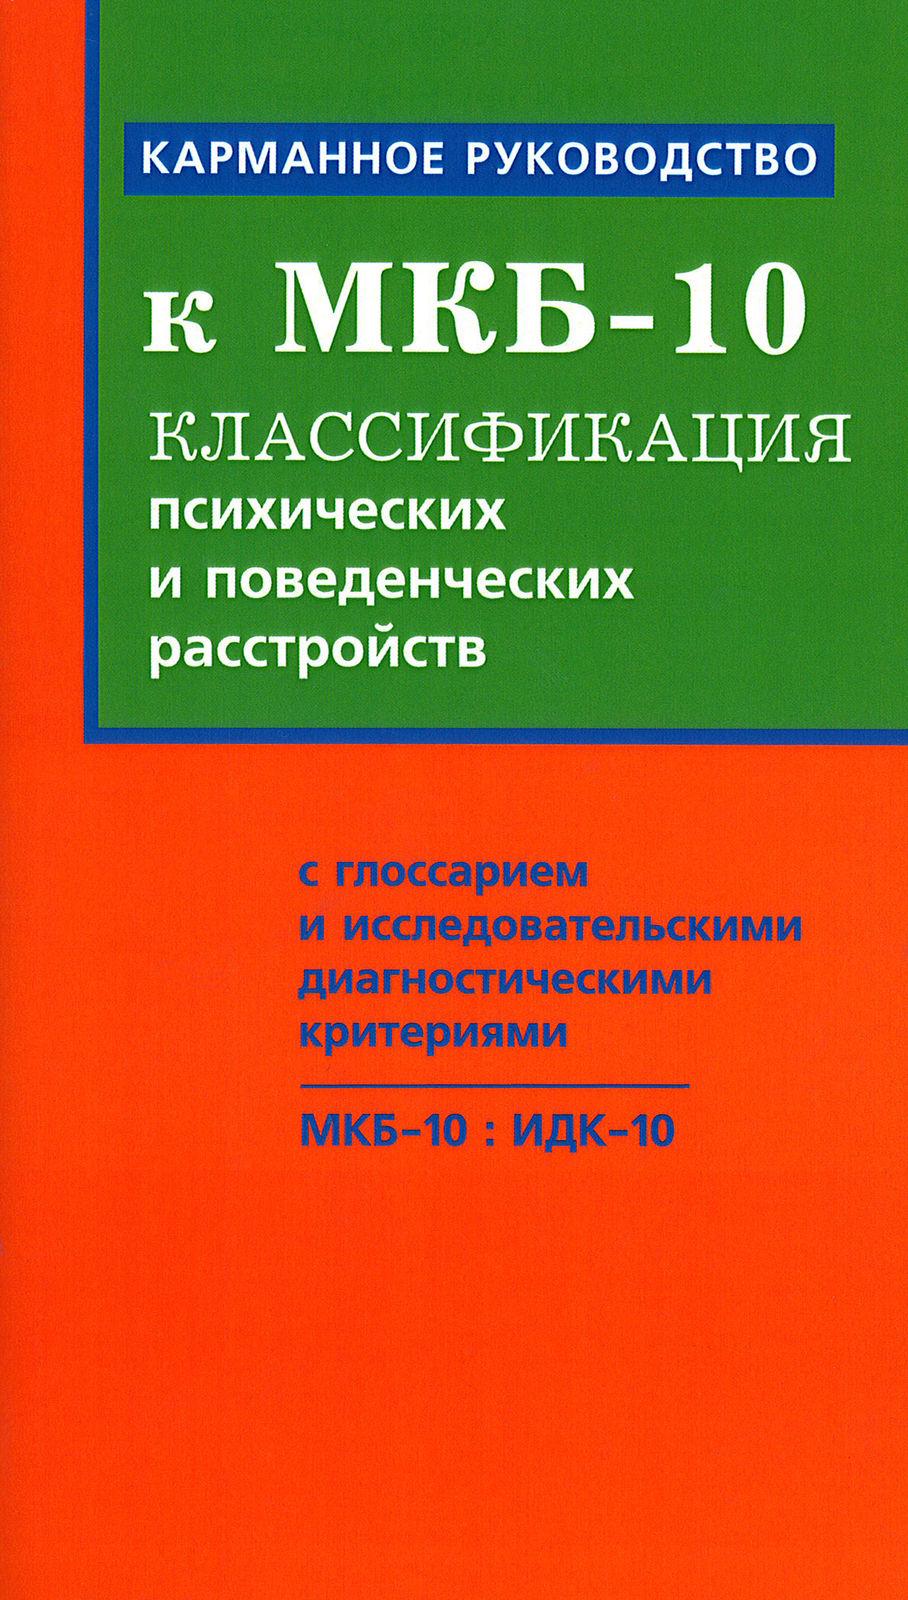 """Обложка книги """"Классификация психических расстройств МКБ-10. Исследовательские диагностические критерии"""""""